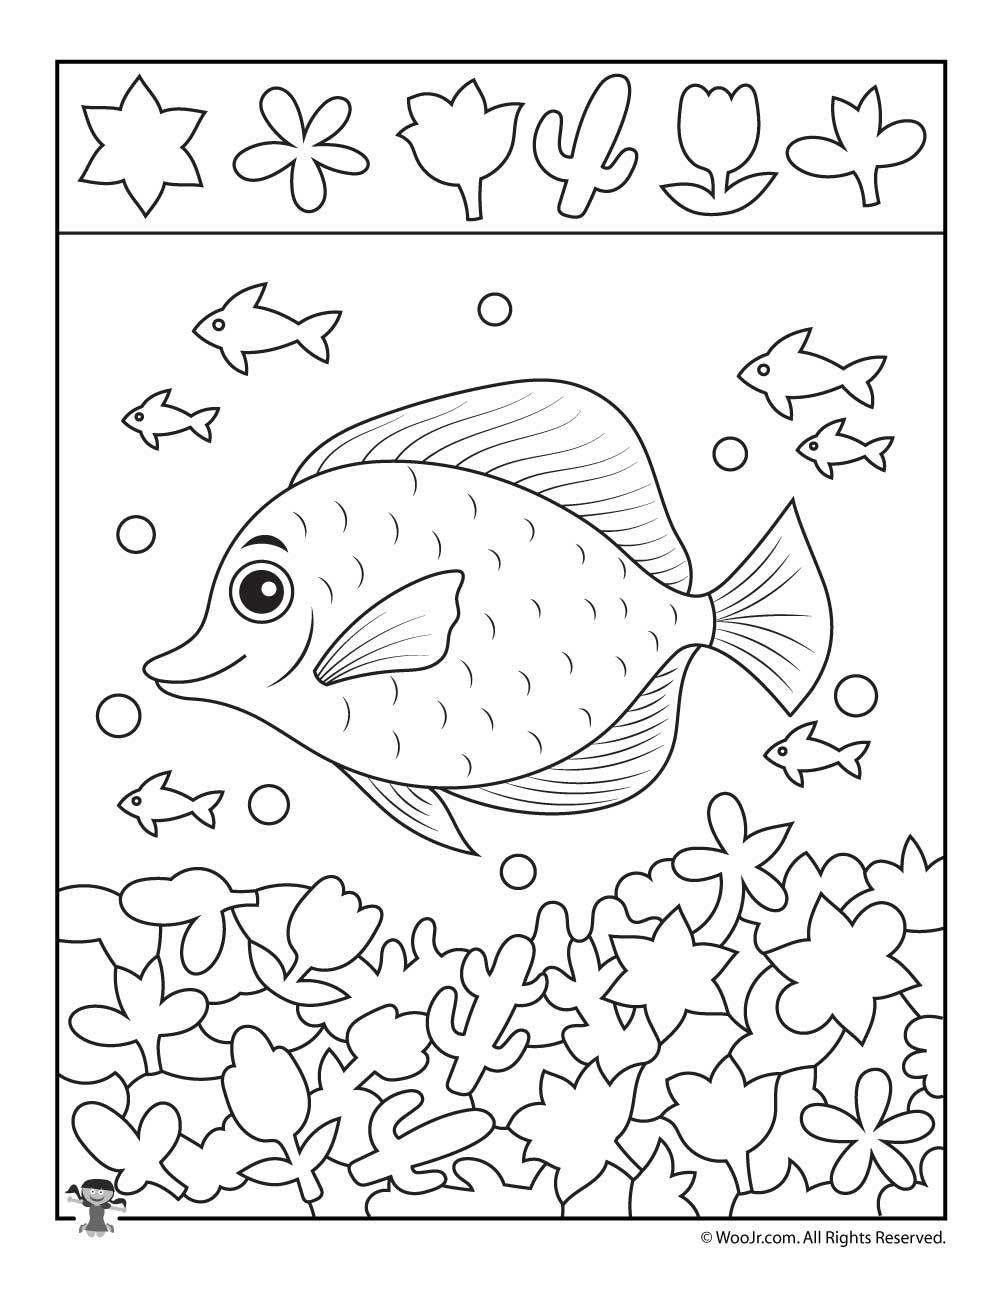 School Of Fish Hidden Picture Printable Woo Jr Kids Activities Hidden Pictures Printables Hidden Pictures Hidden Picture Puzzles [ 1294 x 1000 Pixel ]